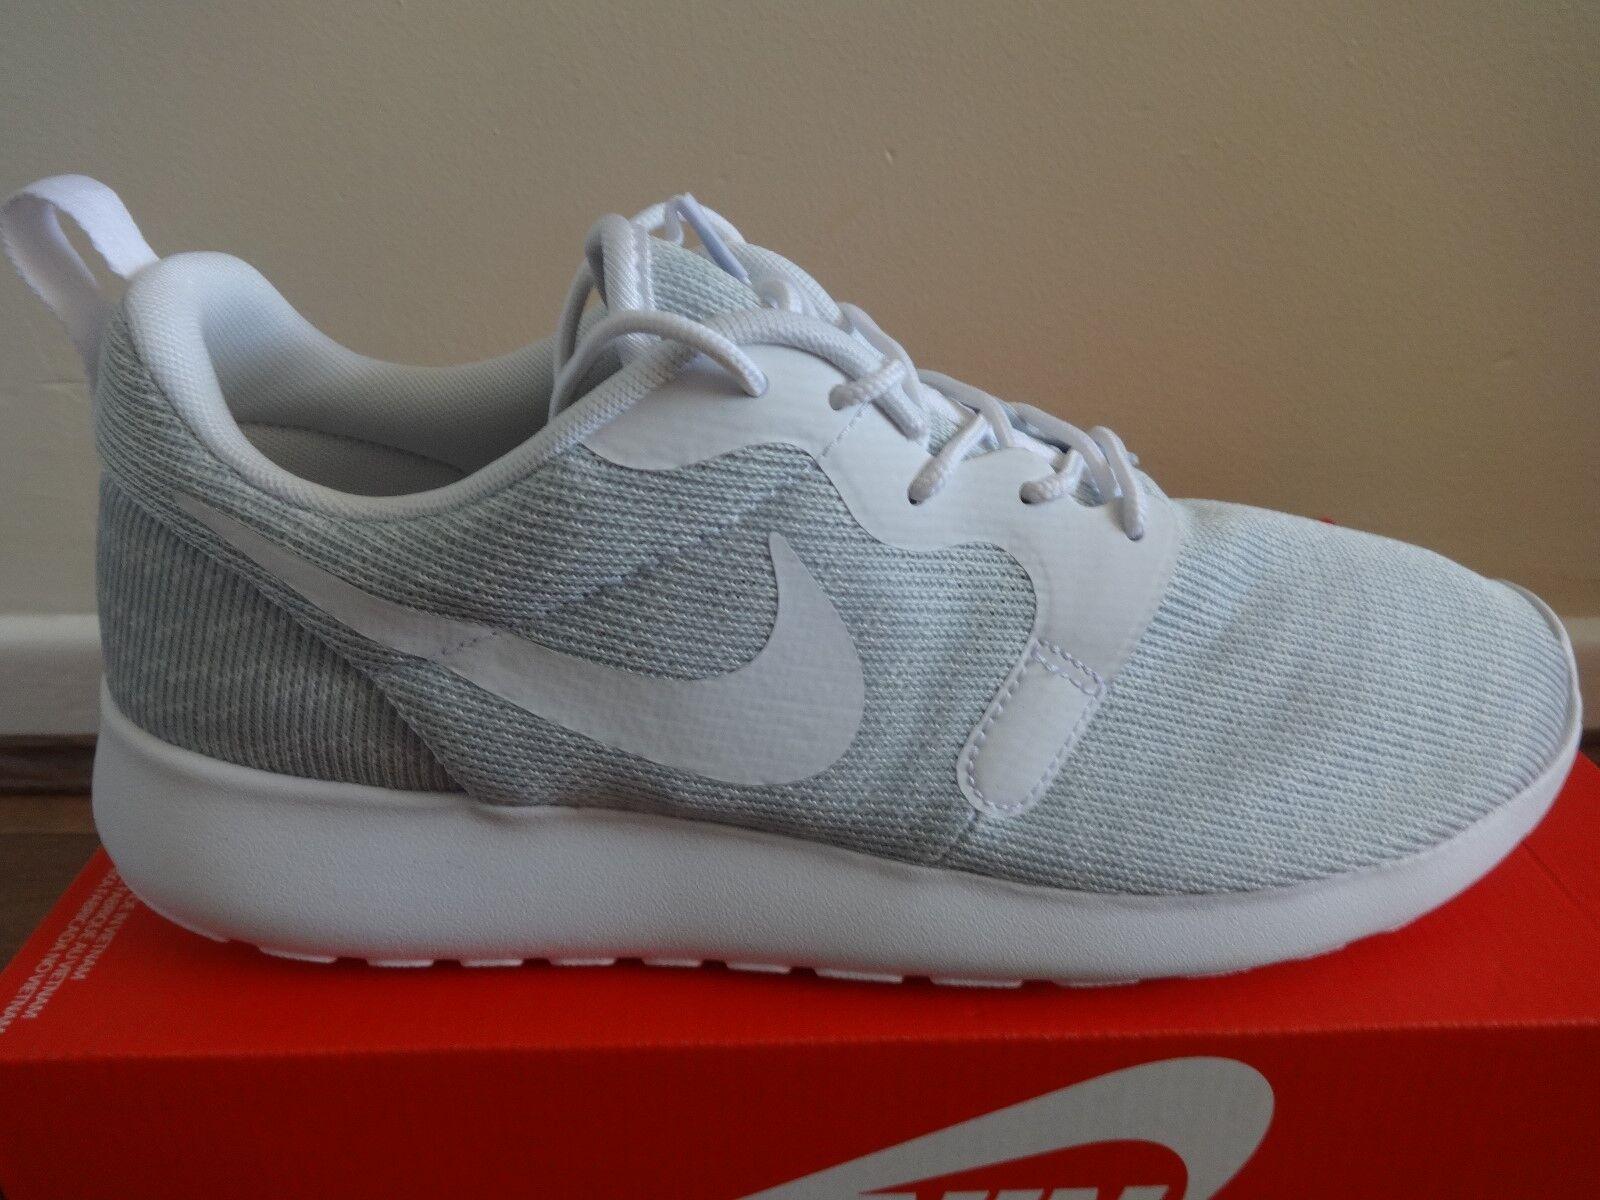 Nike Roshe One KJCRD Sneaker Uomo Scarpe da ginnastica 777429 011 UK 8.5 EU 43 US 9.5 NUOVE